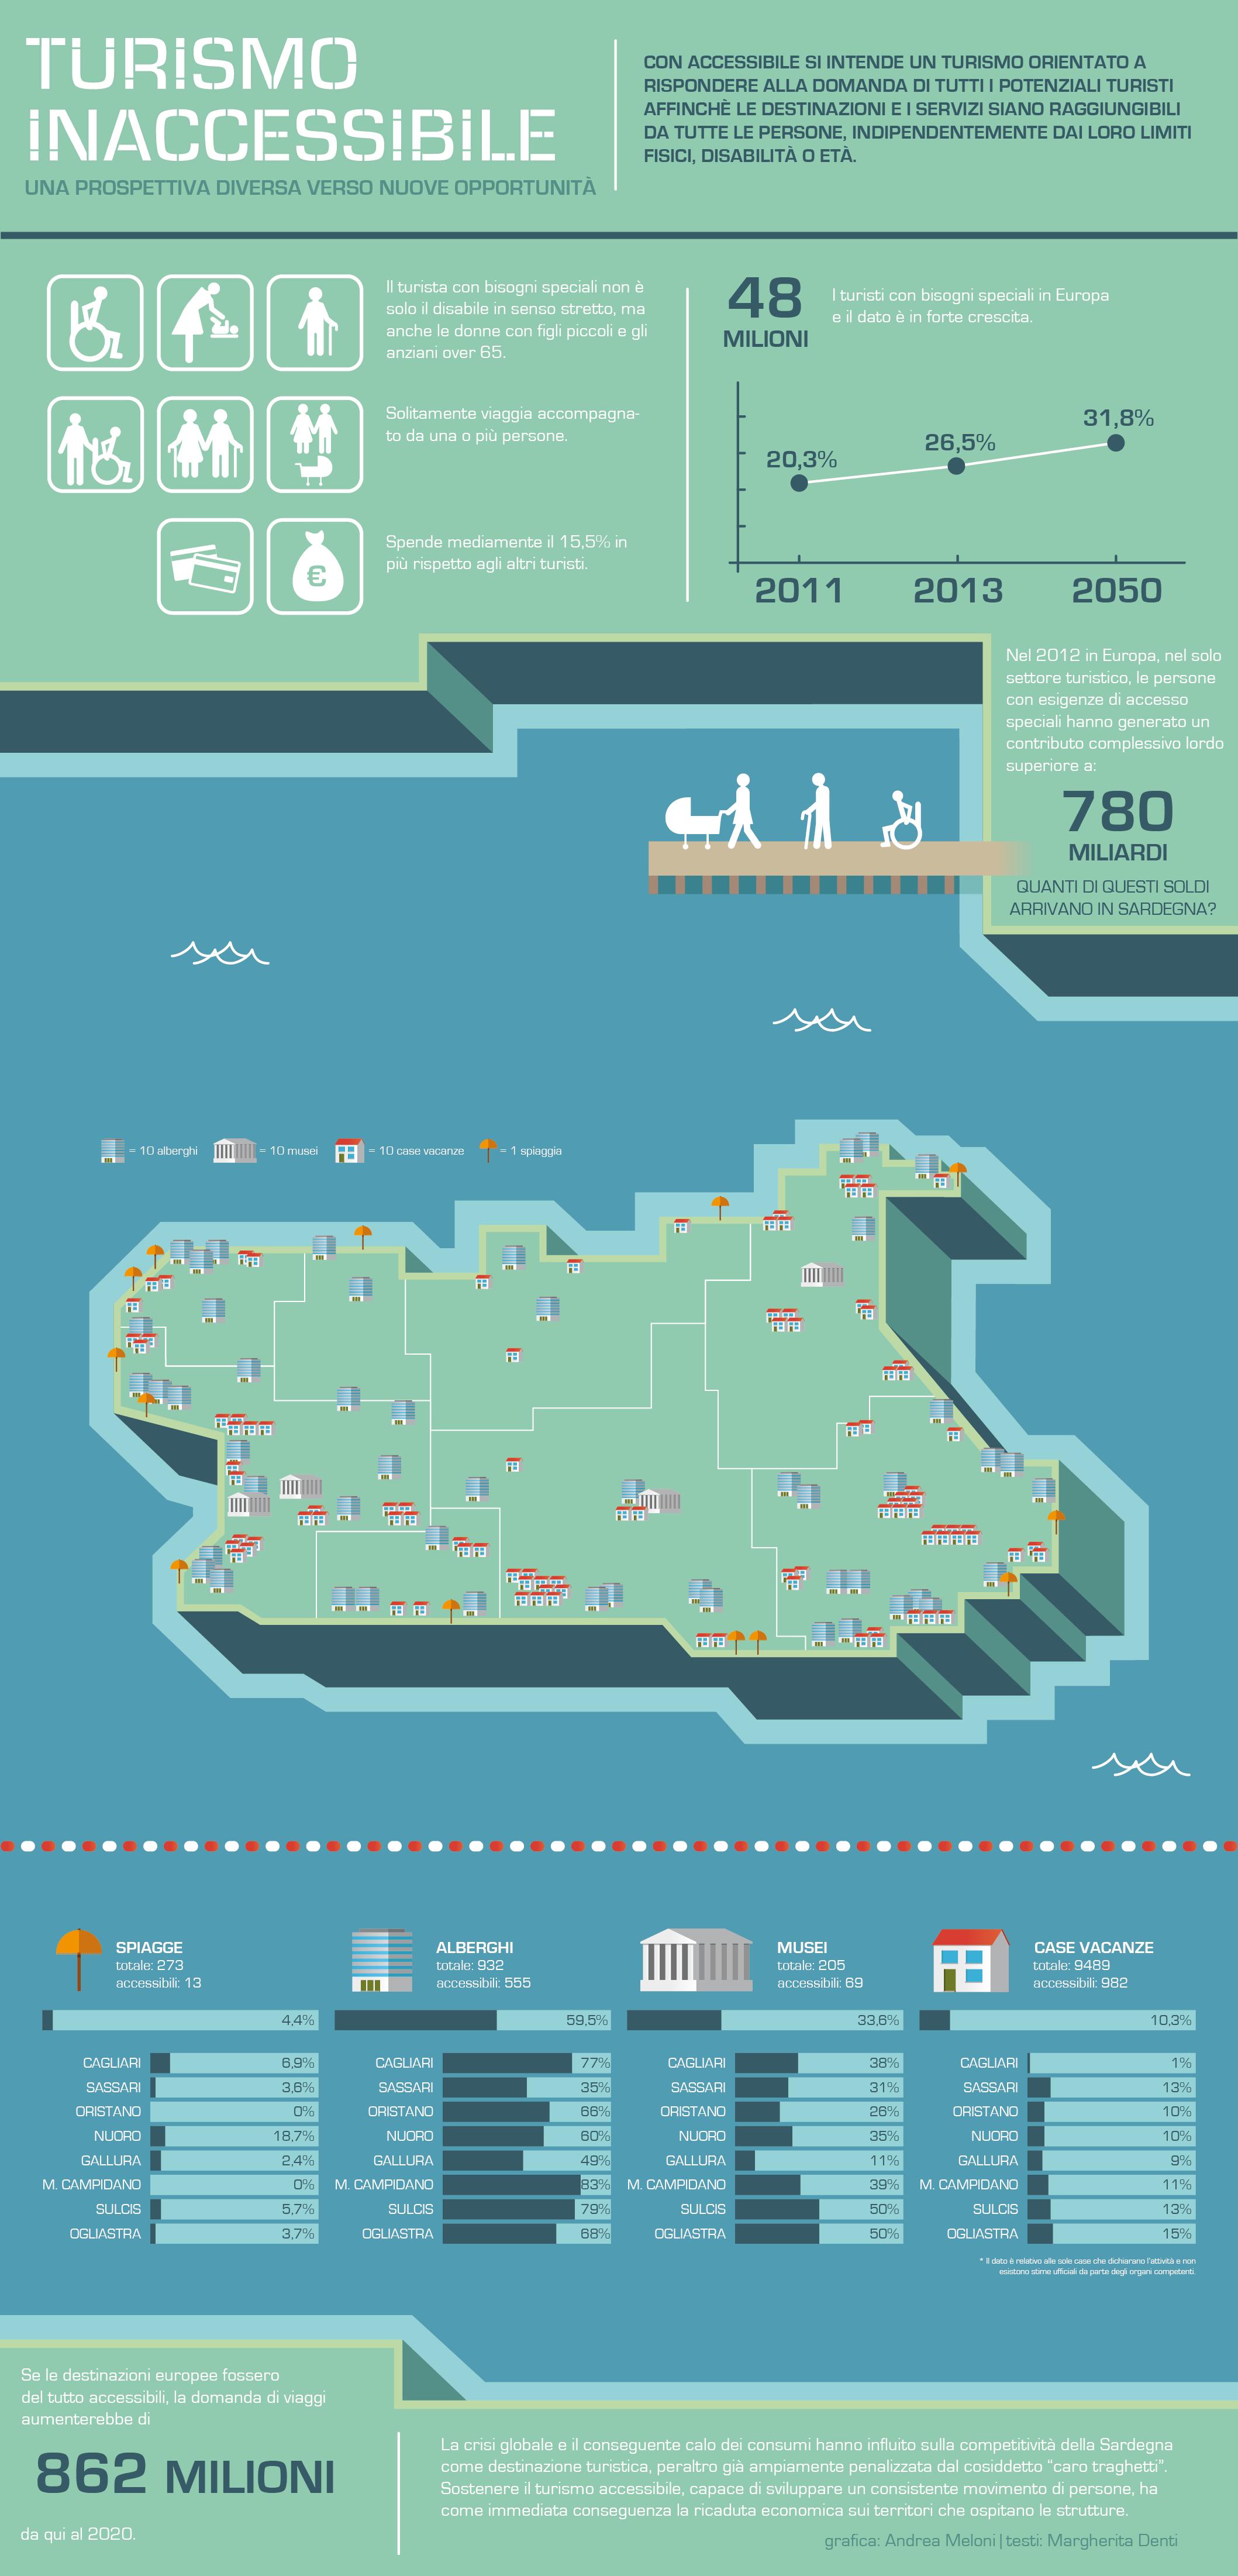 Infografica Turismo Inaccessibile in Sardegna